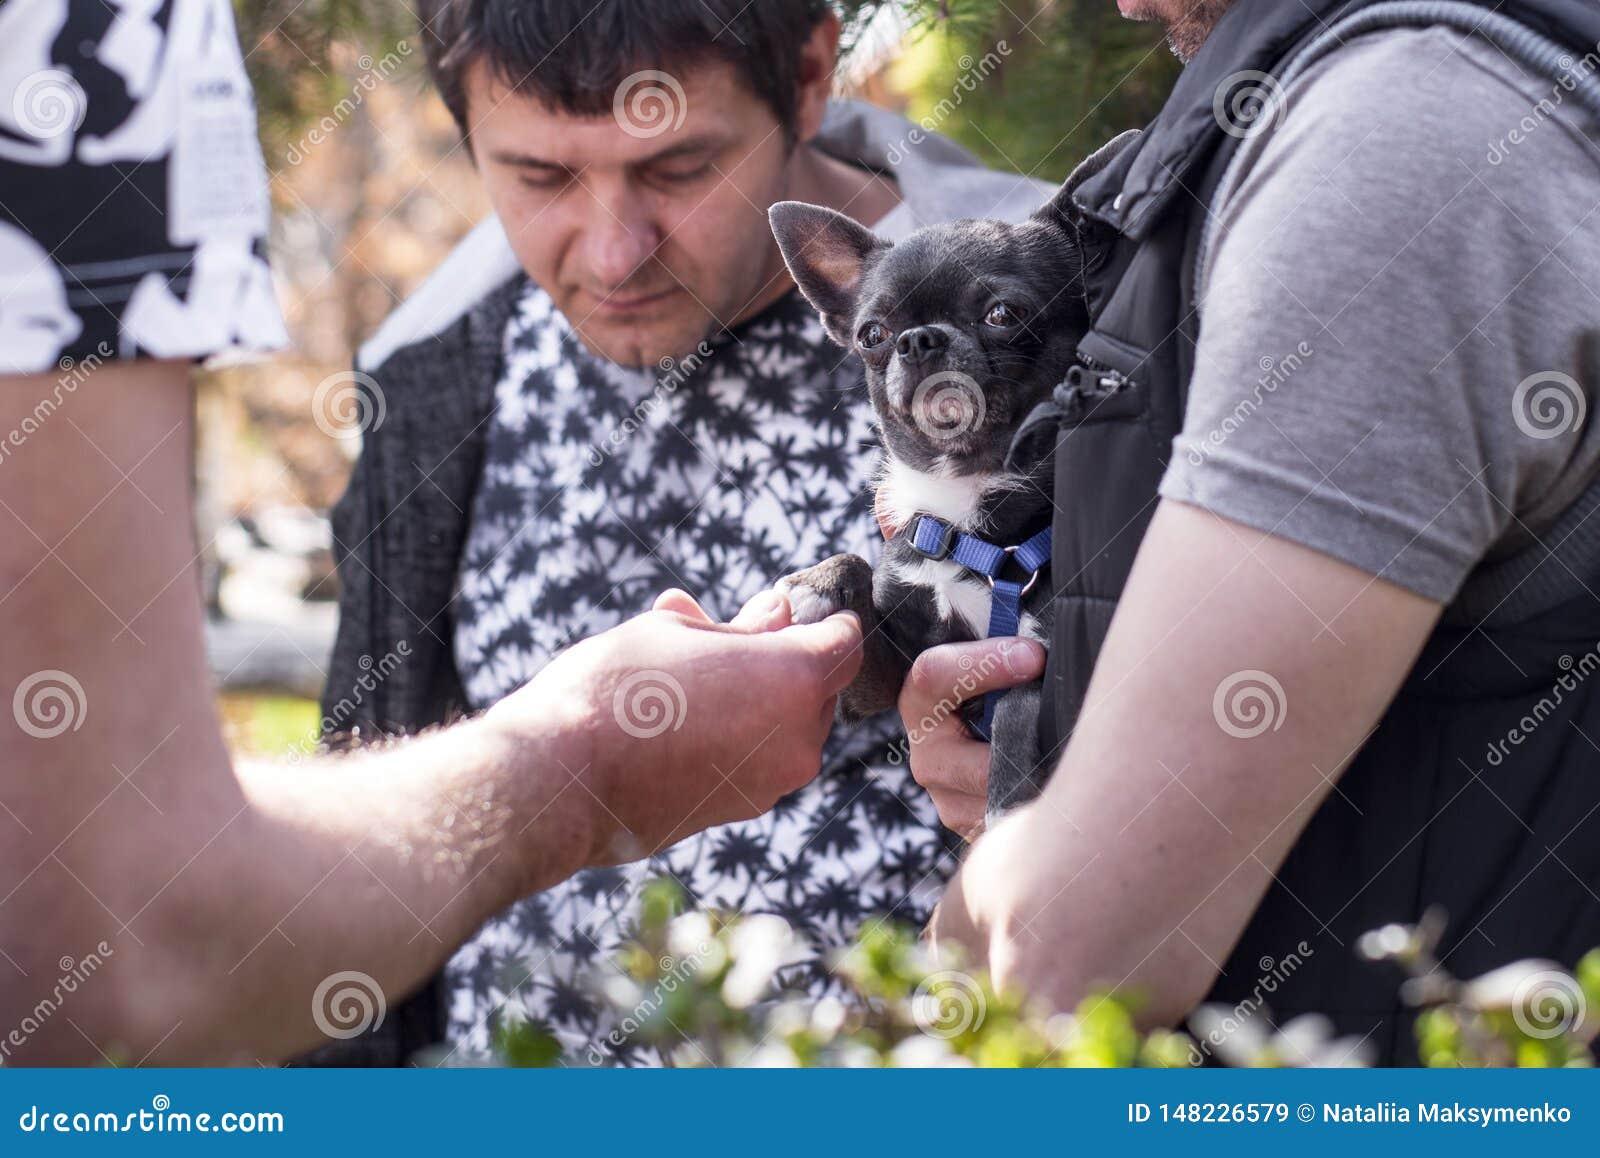 Equipe guardar um cachorrinho pequeno em suas m?os Um homem está guardando um cão preto pequeno